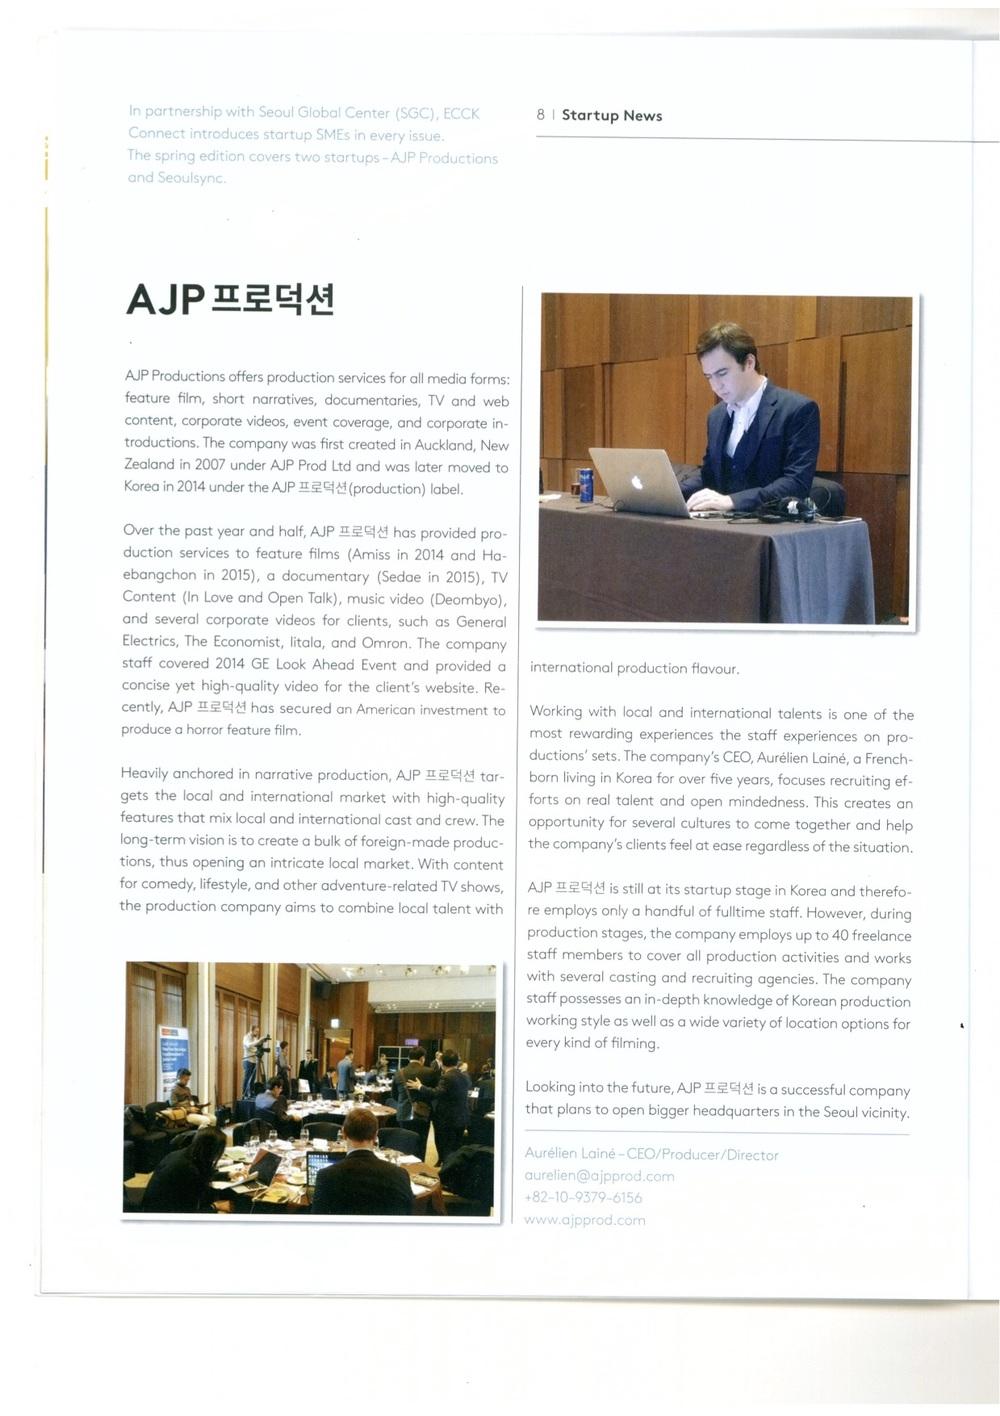 AJP_ECCK_Spring2015-1.jpg